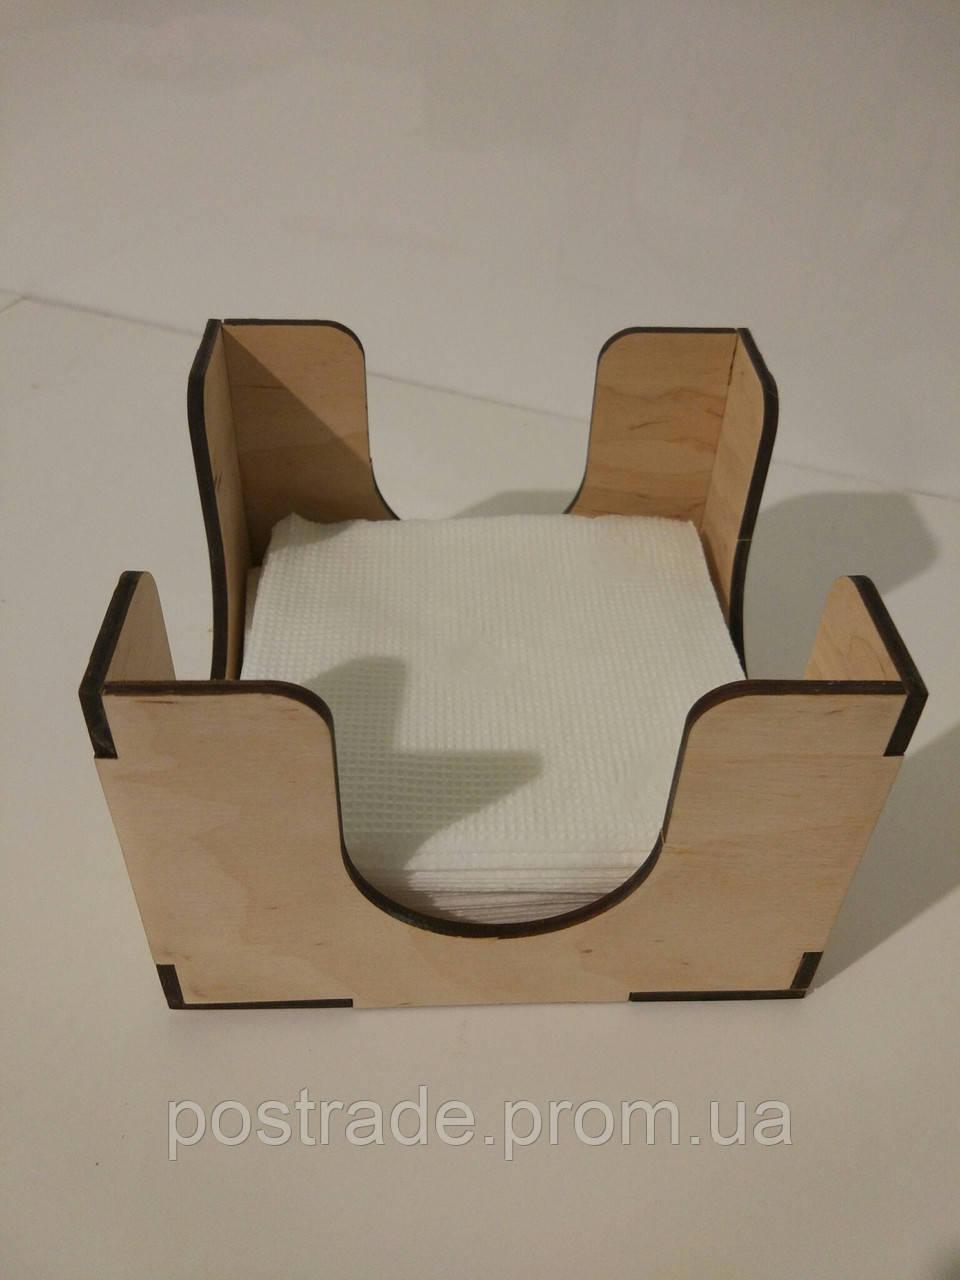 Салфетница деревянная для HoReCa и фаст-фуда